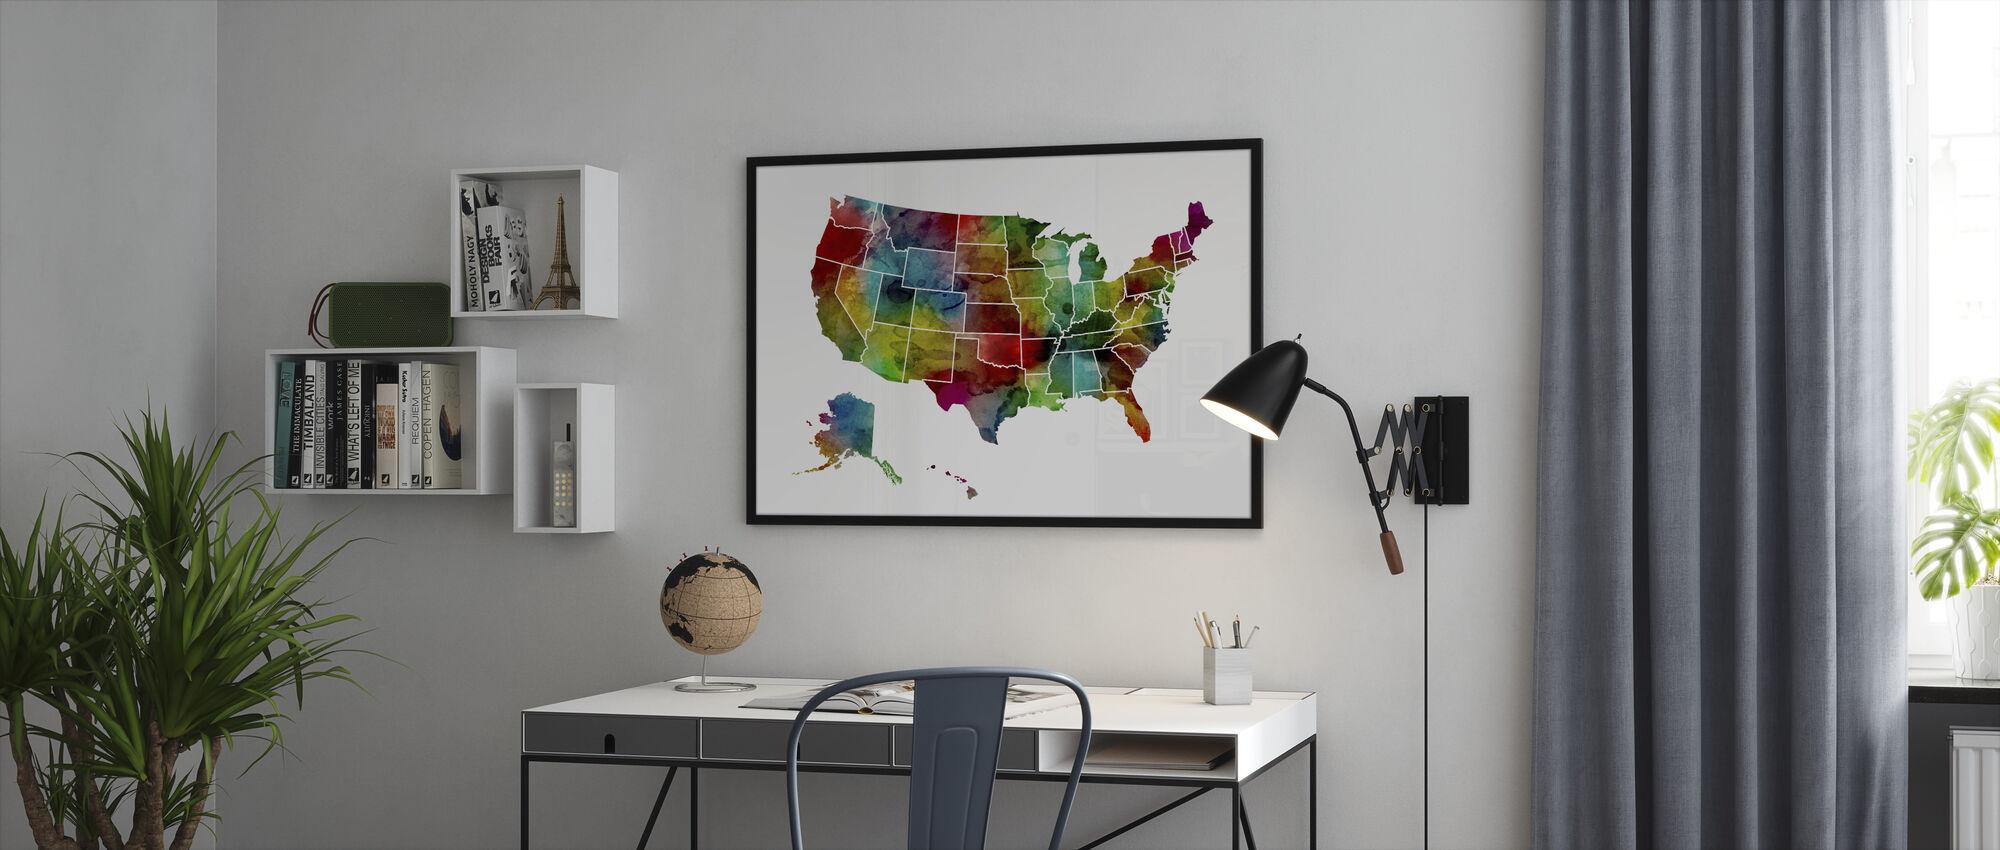 Yhdysvallat Watercolor Kartta - Kehystetty kuva - Toimisto